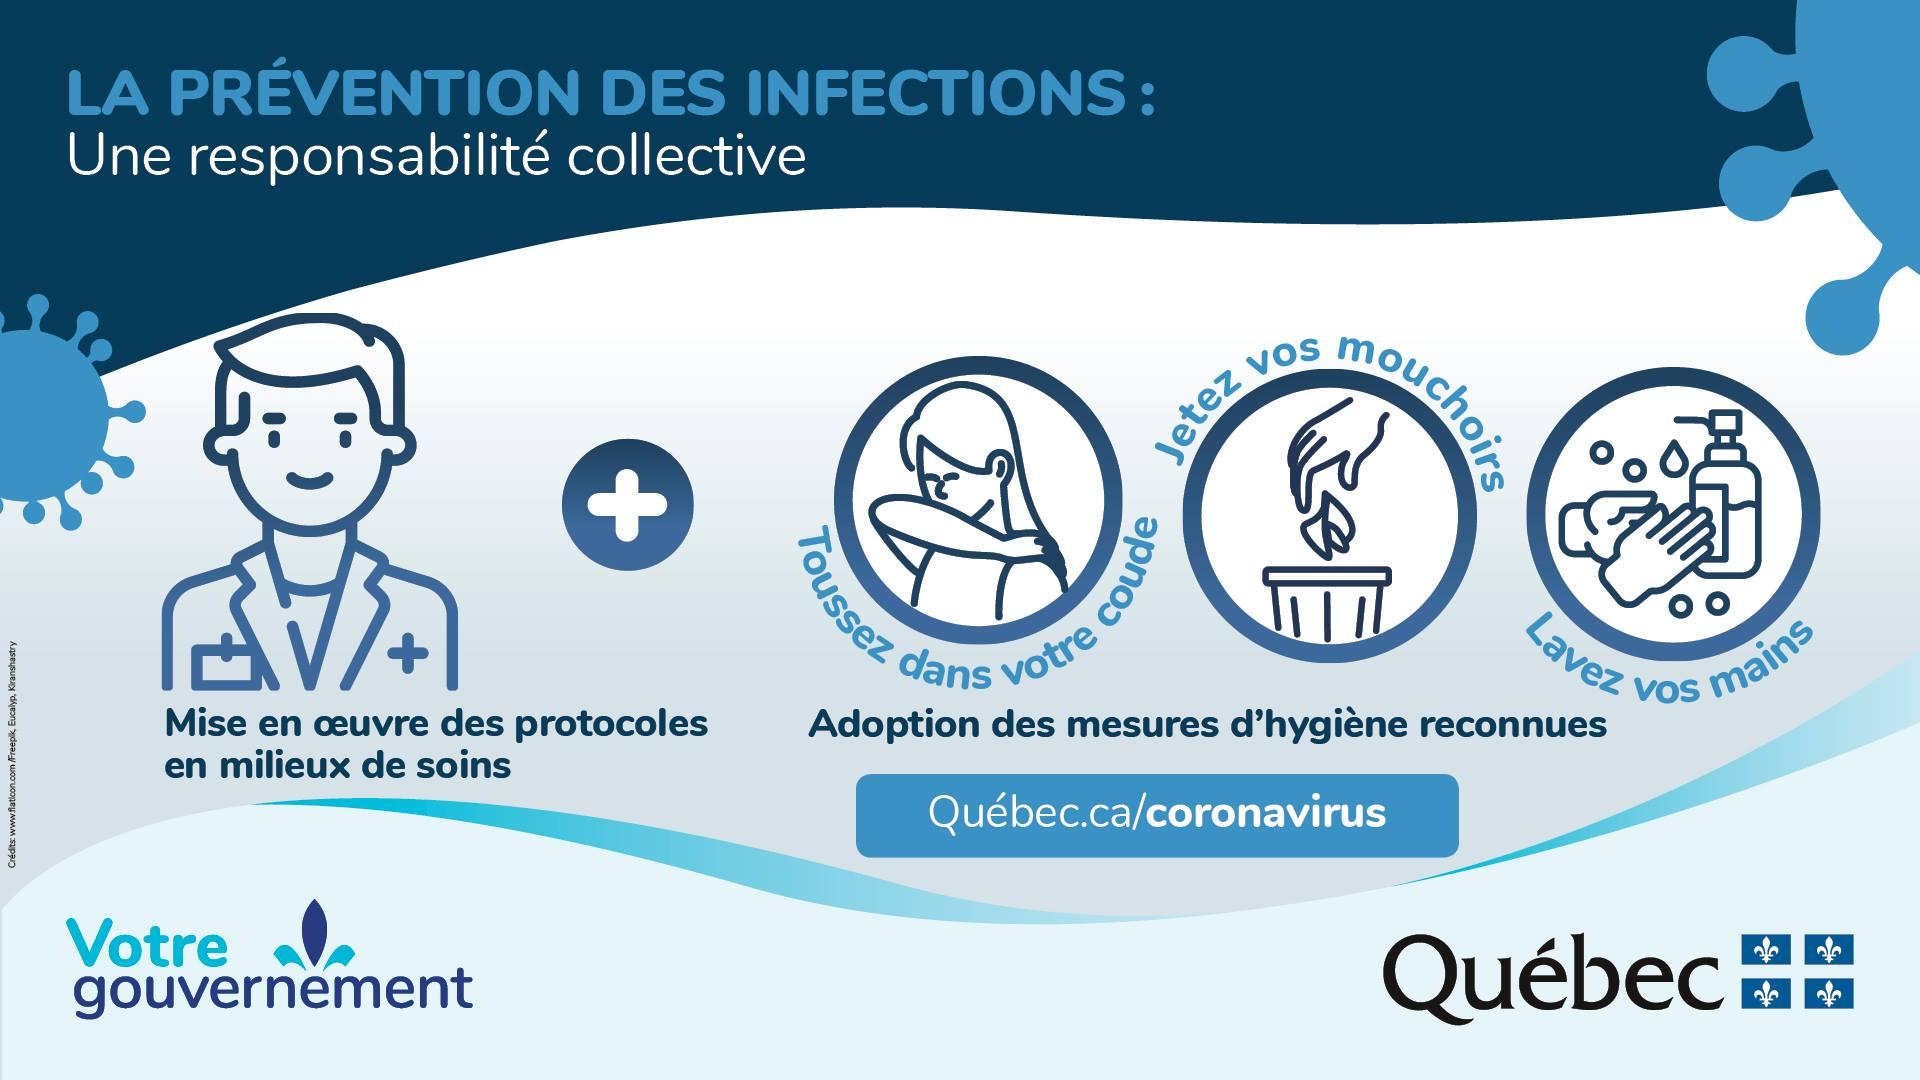 LA PRÉVENTION DES INFECTIONS: UNE RESPONSABILITÉ COLLECTIVE